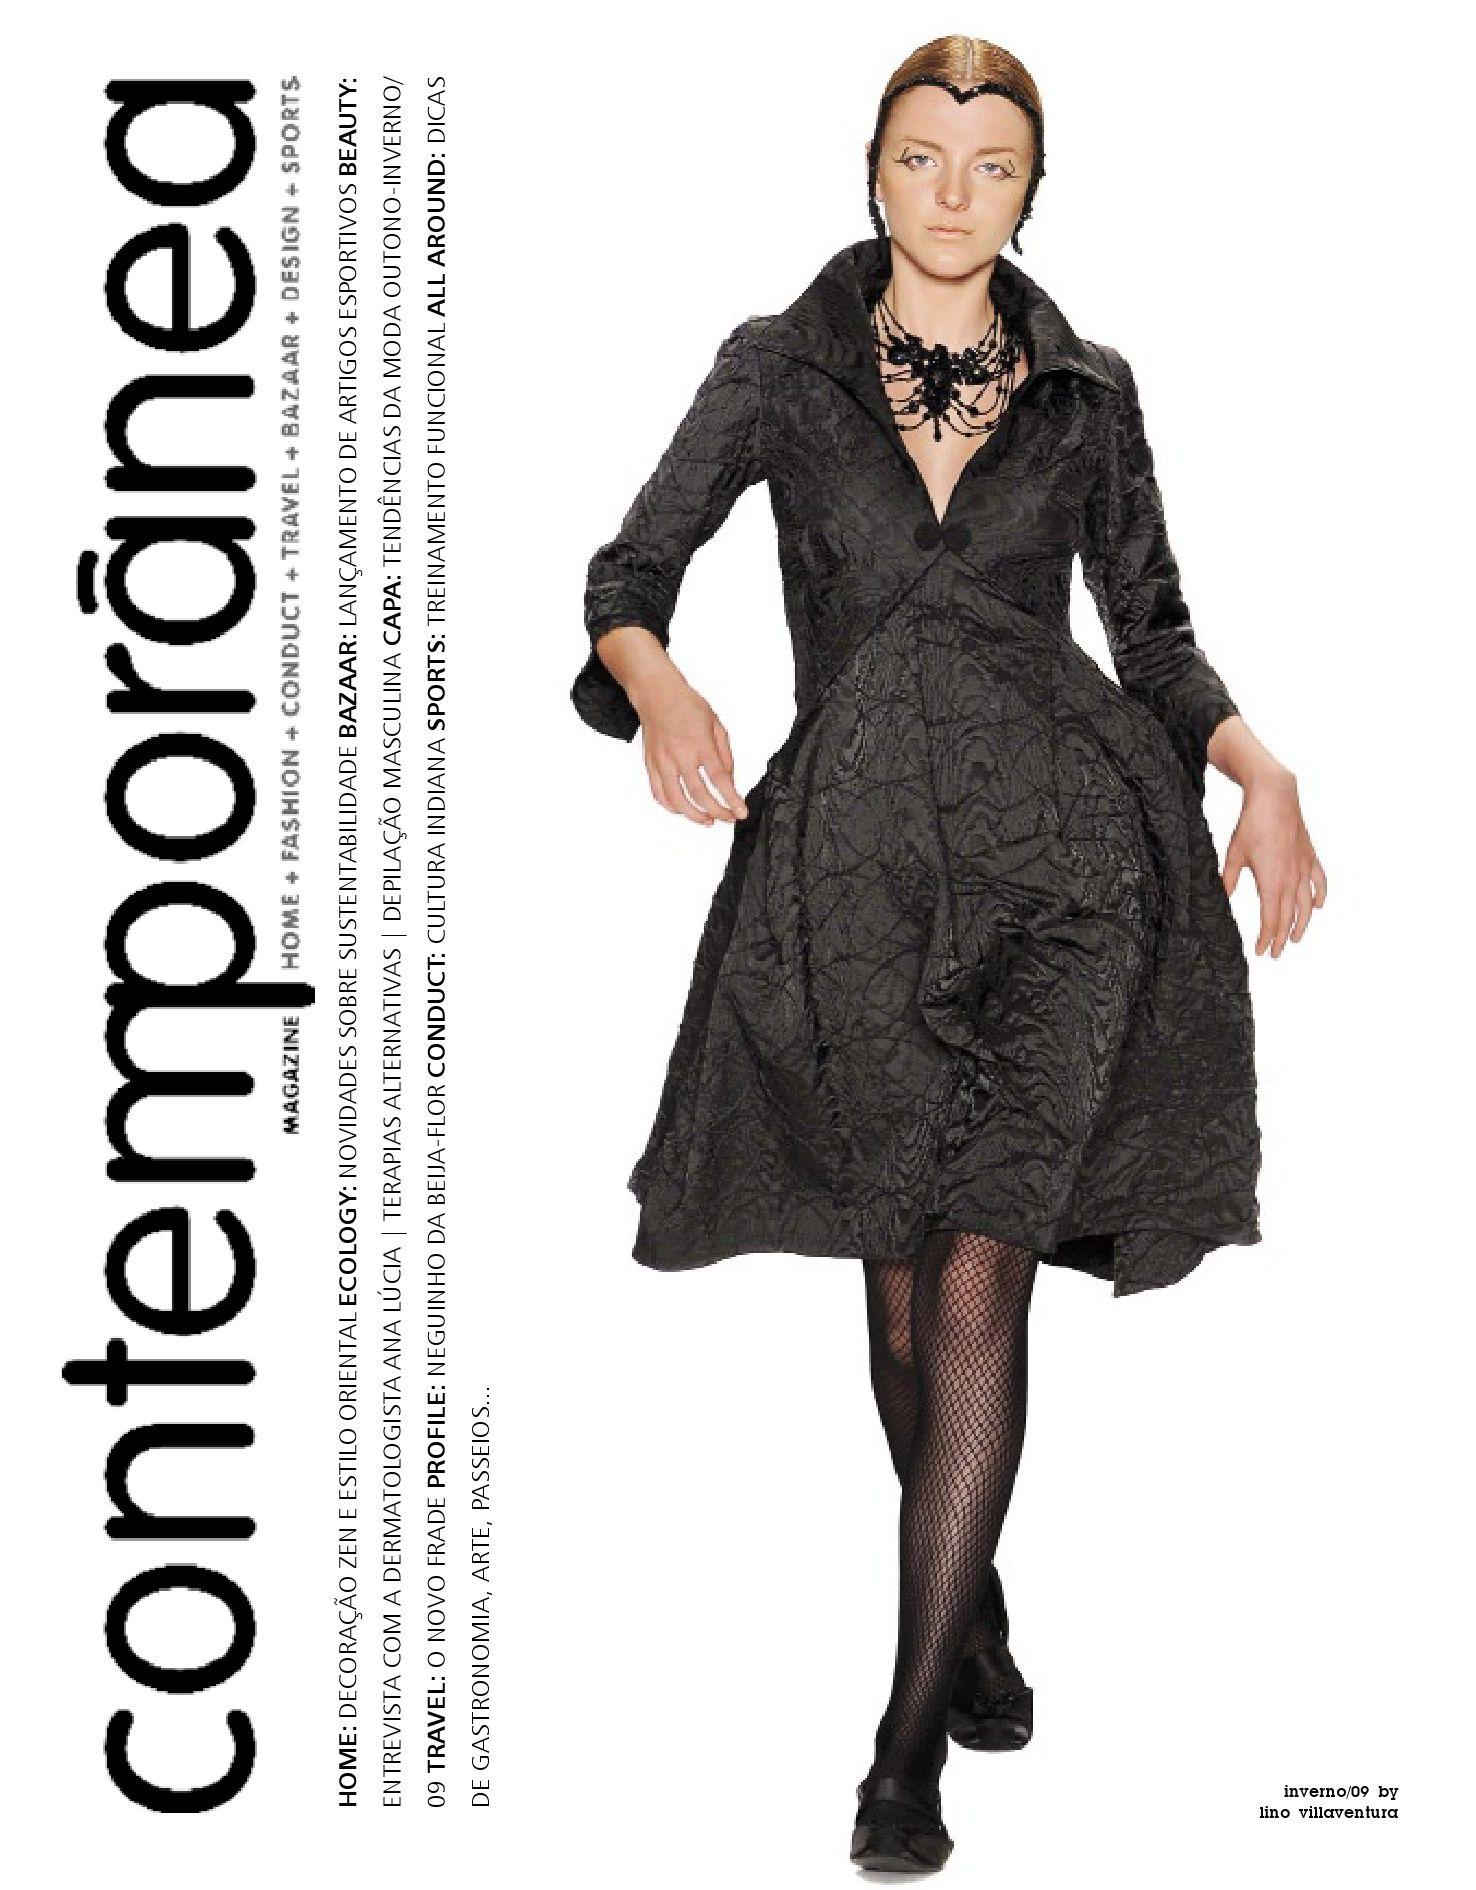 e207af1fd1 05 Contemporânea edição FEVEREIRO 2009 by Contemporânea Magazine - issuu